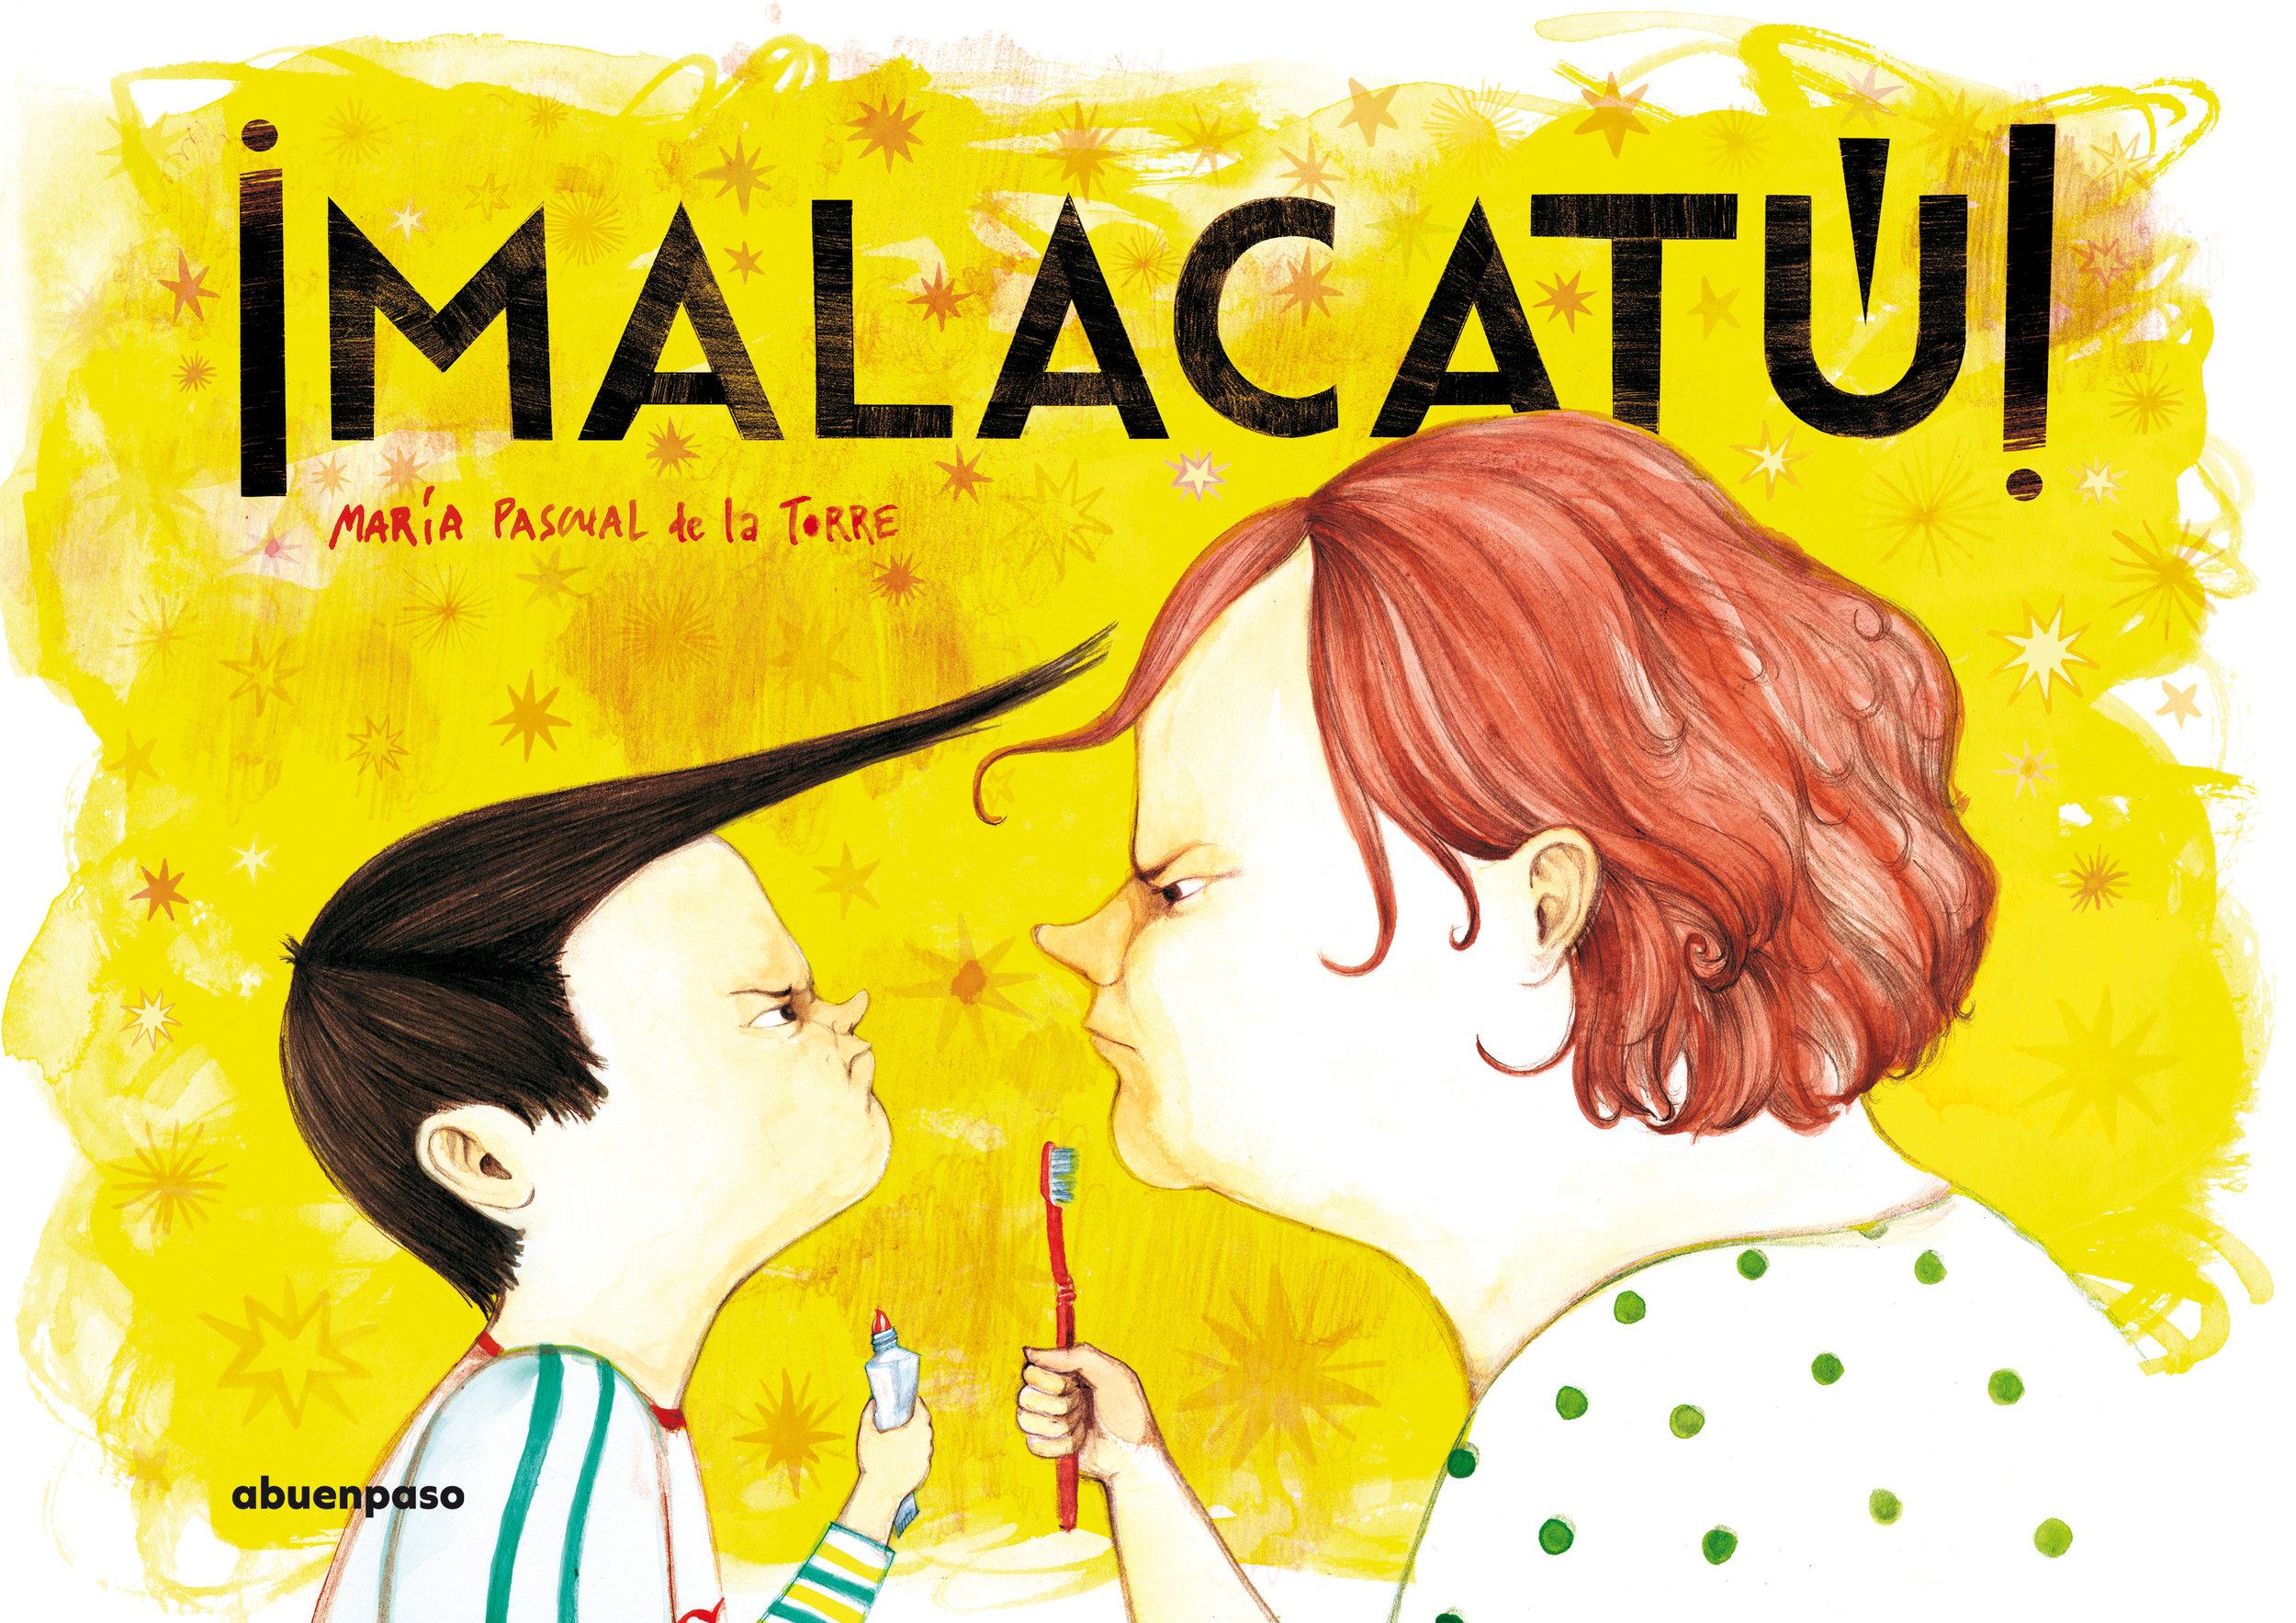 ¡Malacatú!, Editorial A Buen Paso. Premio Internacional de Álbum Ilustrado de la Biblioteca Insular de Gran Canaria 2017.